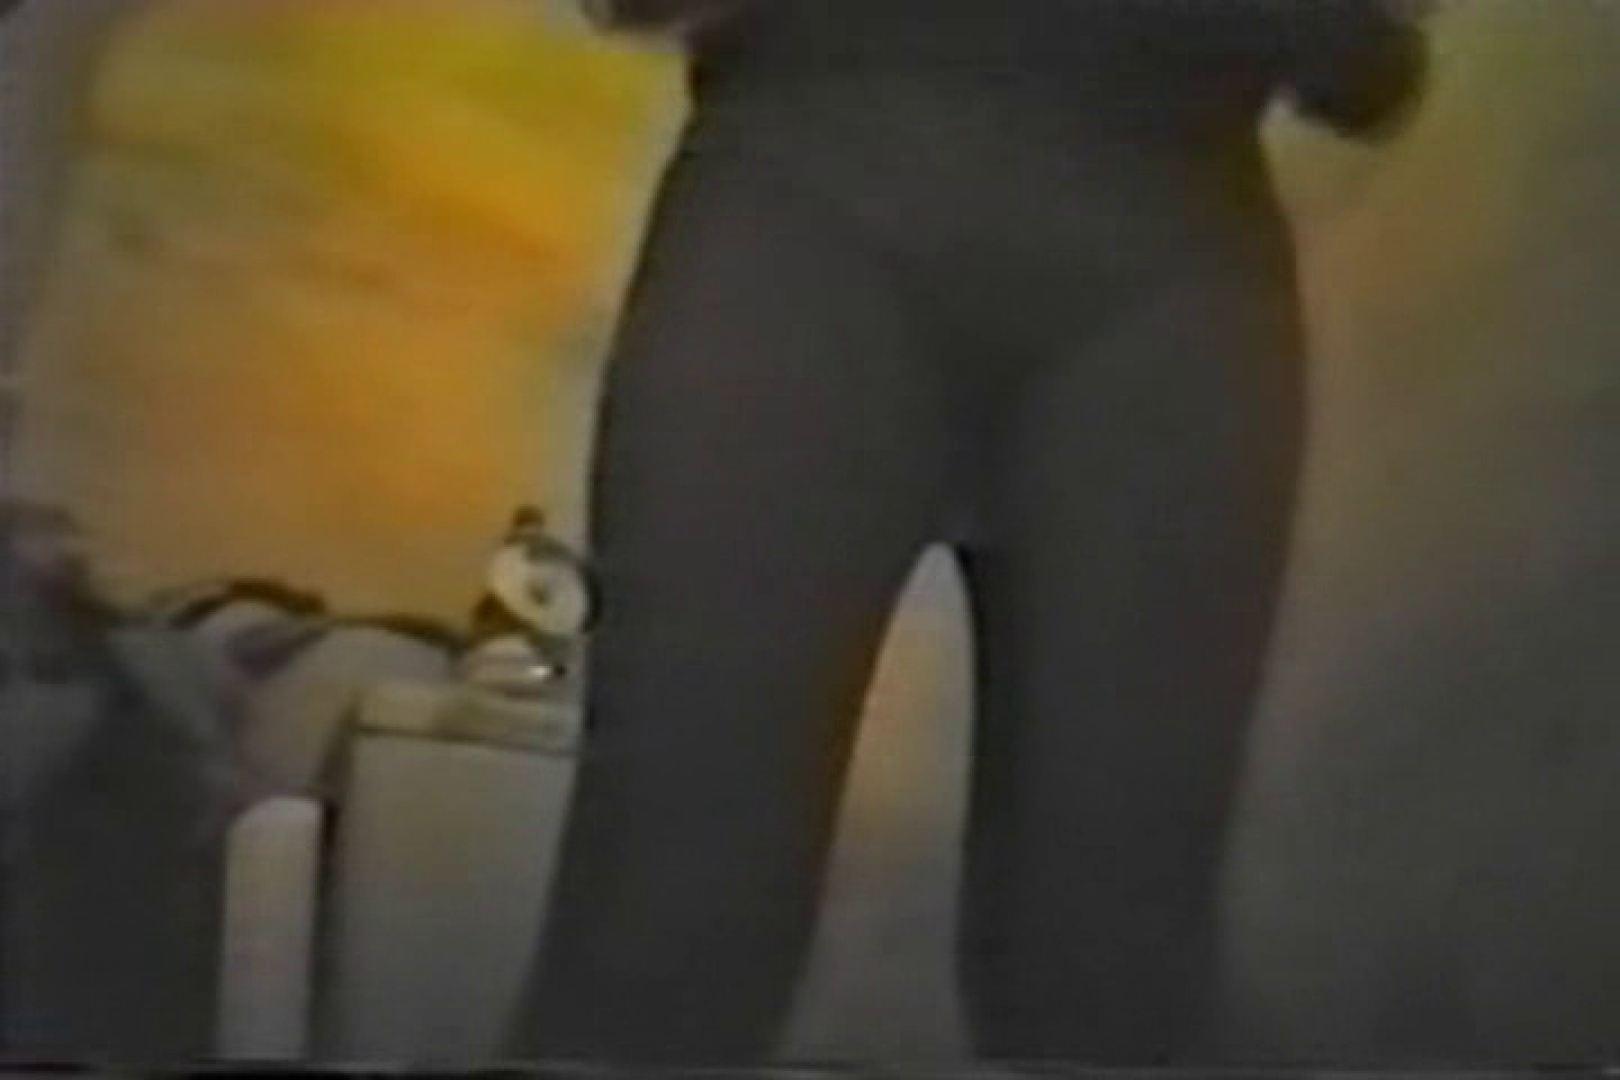 洋式洗面所オリジナルVol.2 エロティックなOL 盗み撮り動画 64画像 26